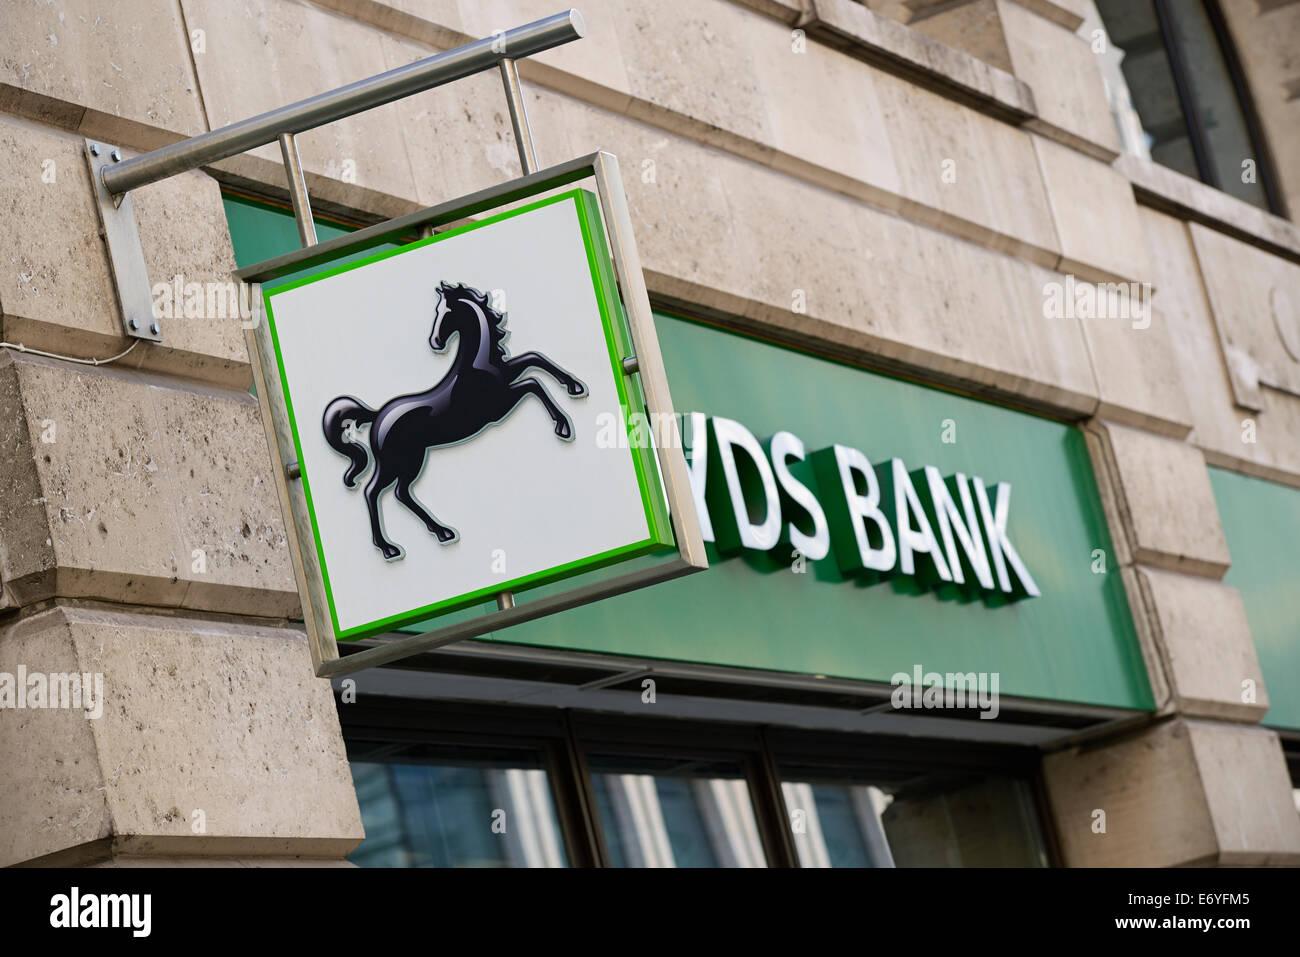 Lloyds Bank, UK. - Stock Image